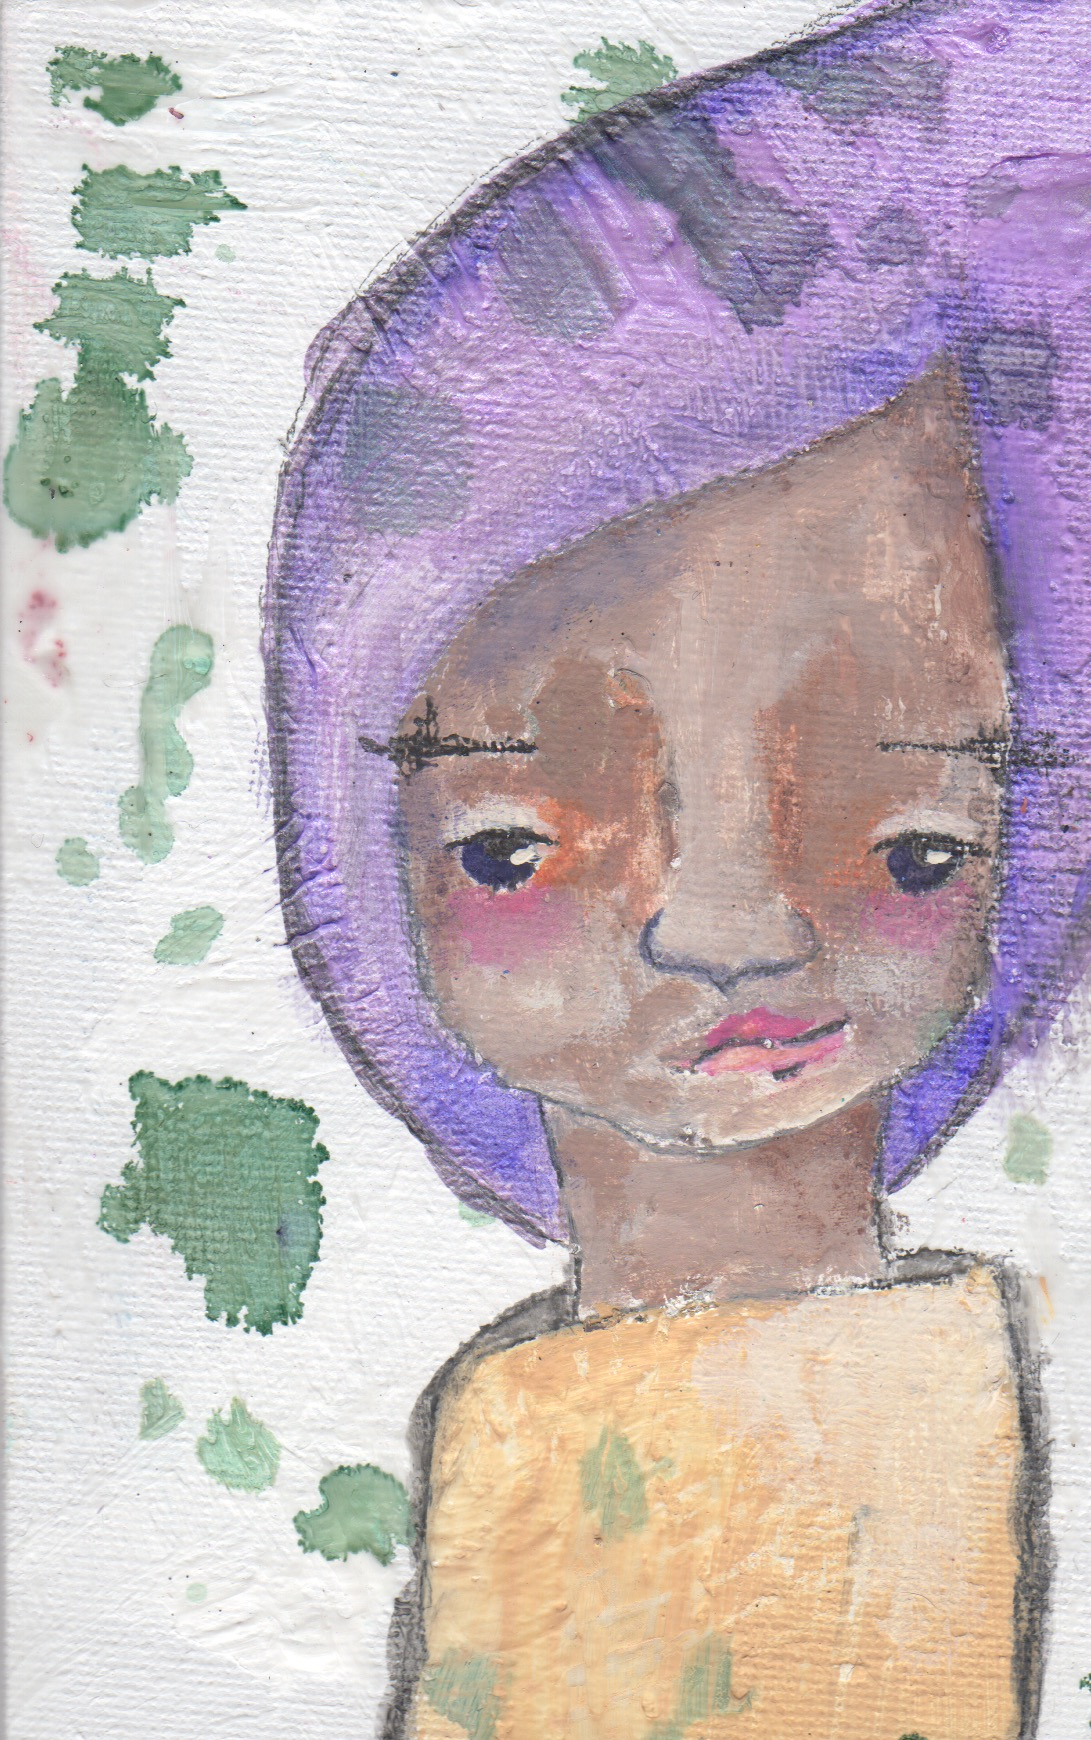 Artwork by Nolwenn Petitbois